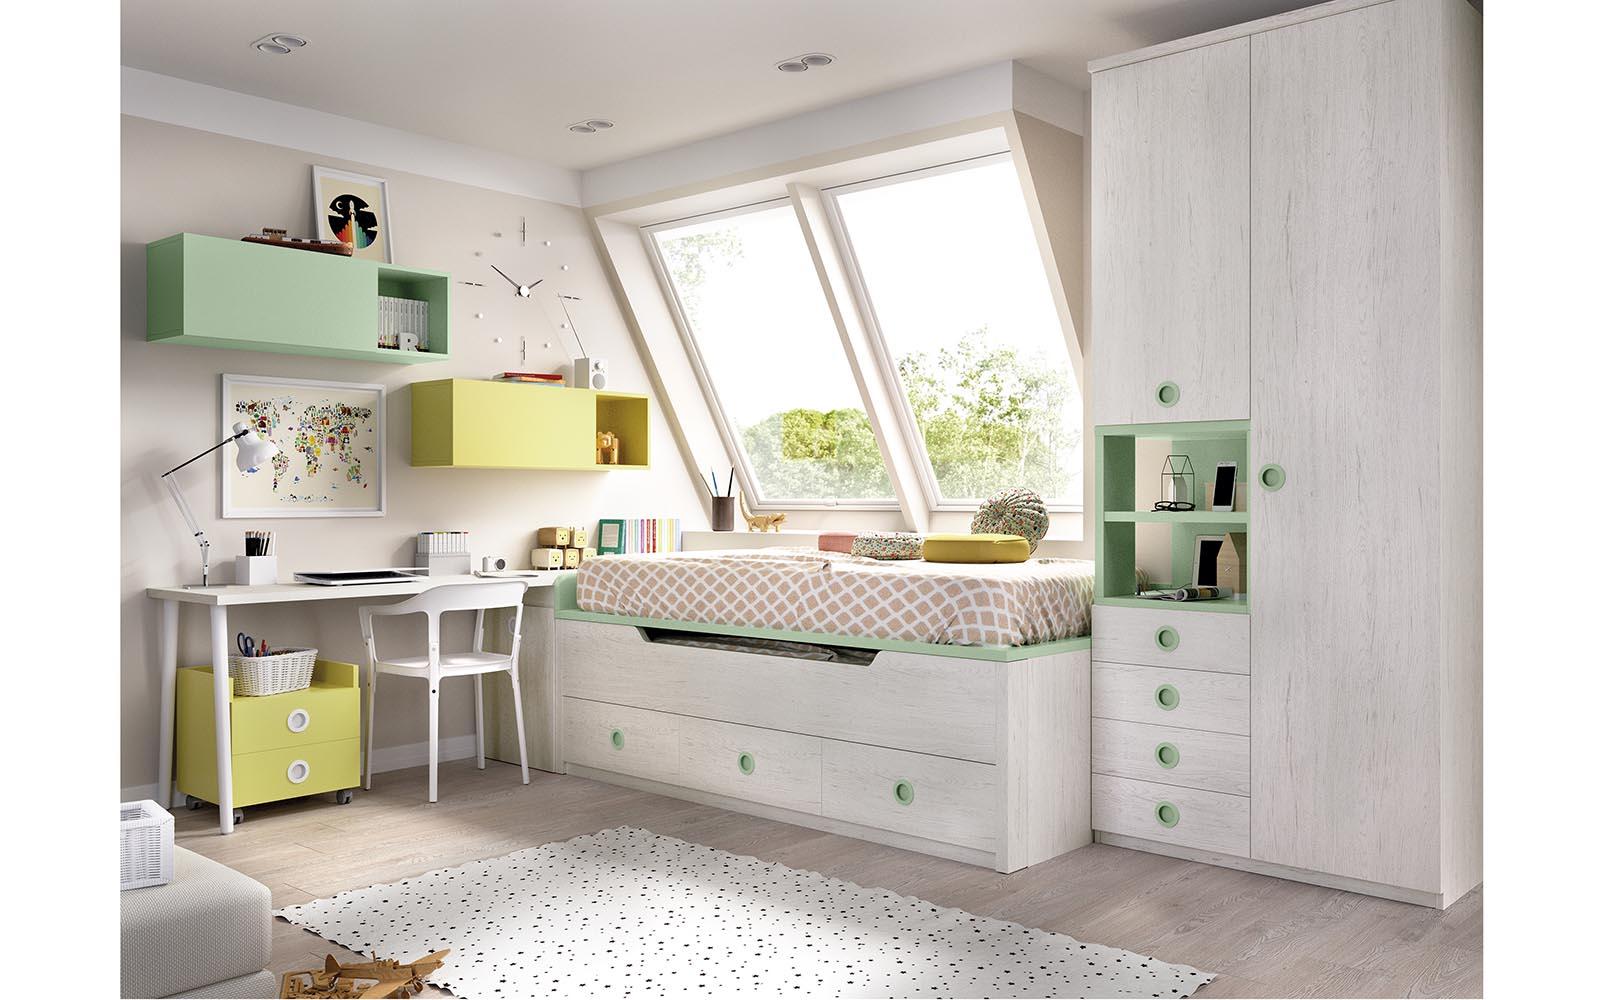 kids bedroom white colors with green details, aspro xilino krevati me prasines leptomeries me sirtarakia kai extra stroma krevatiou,